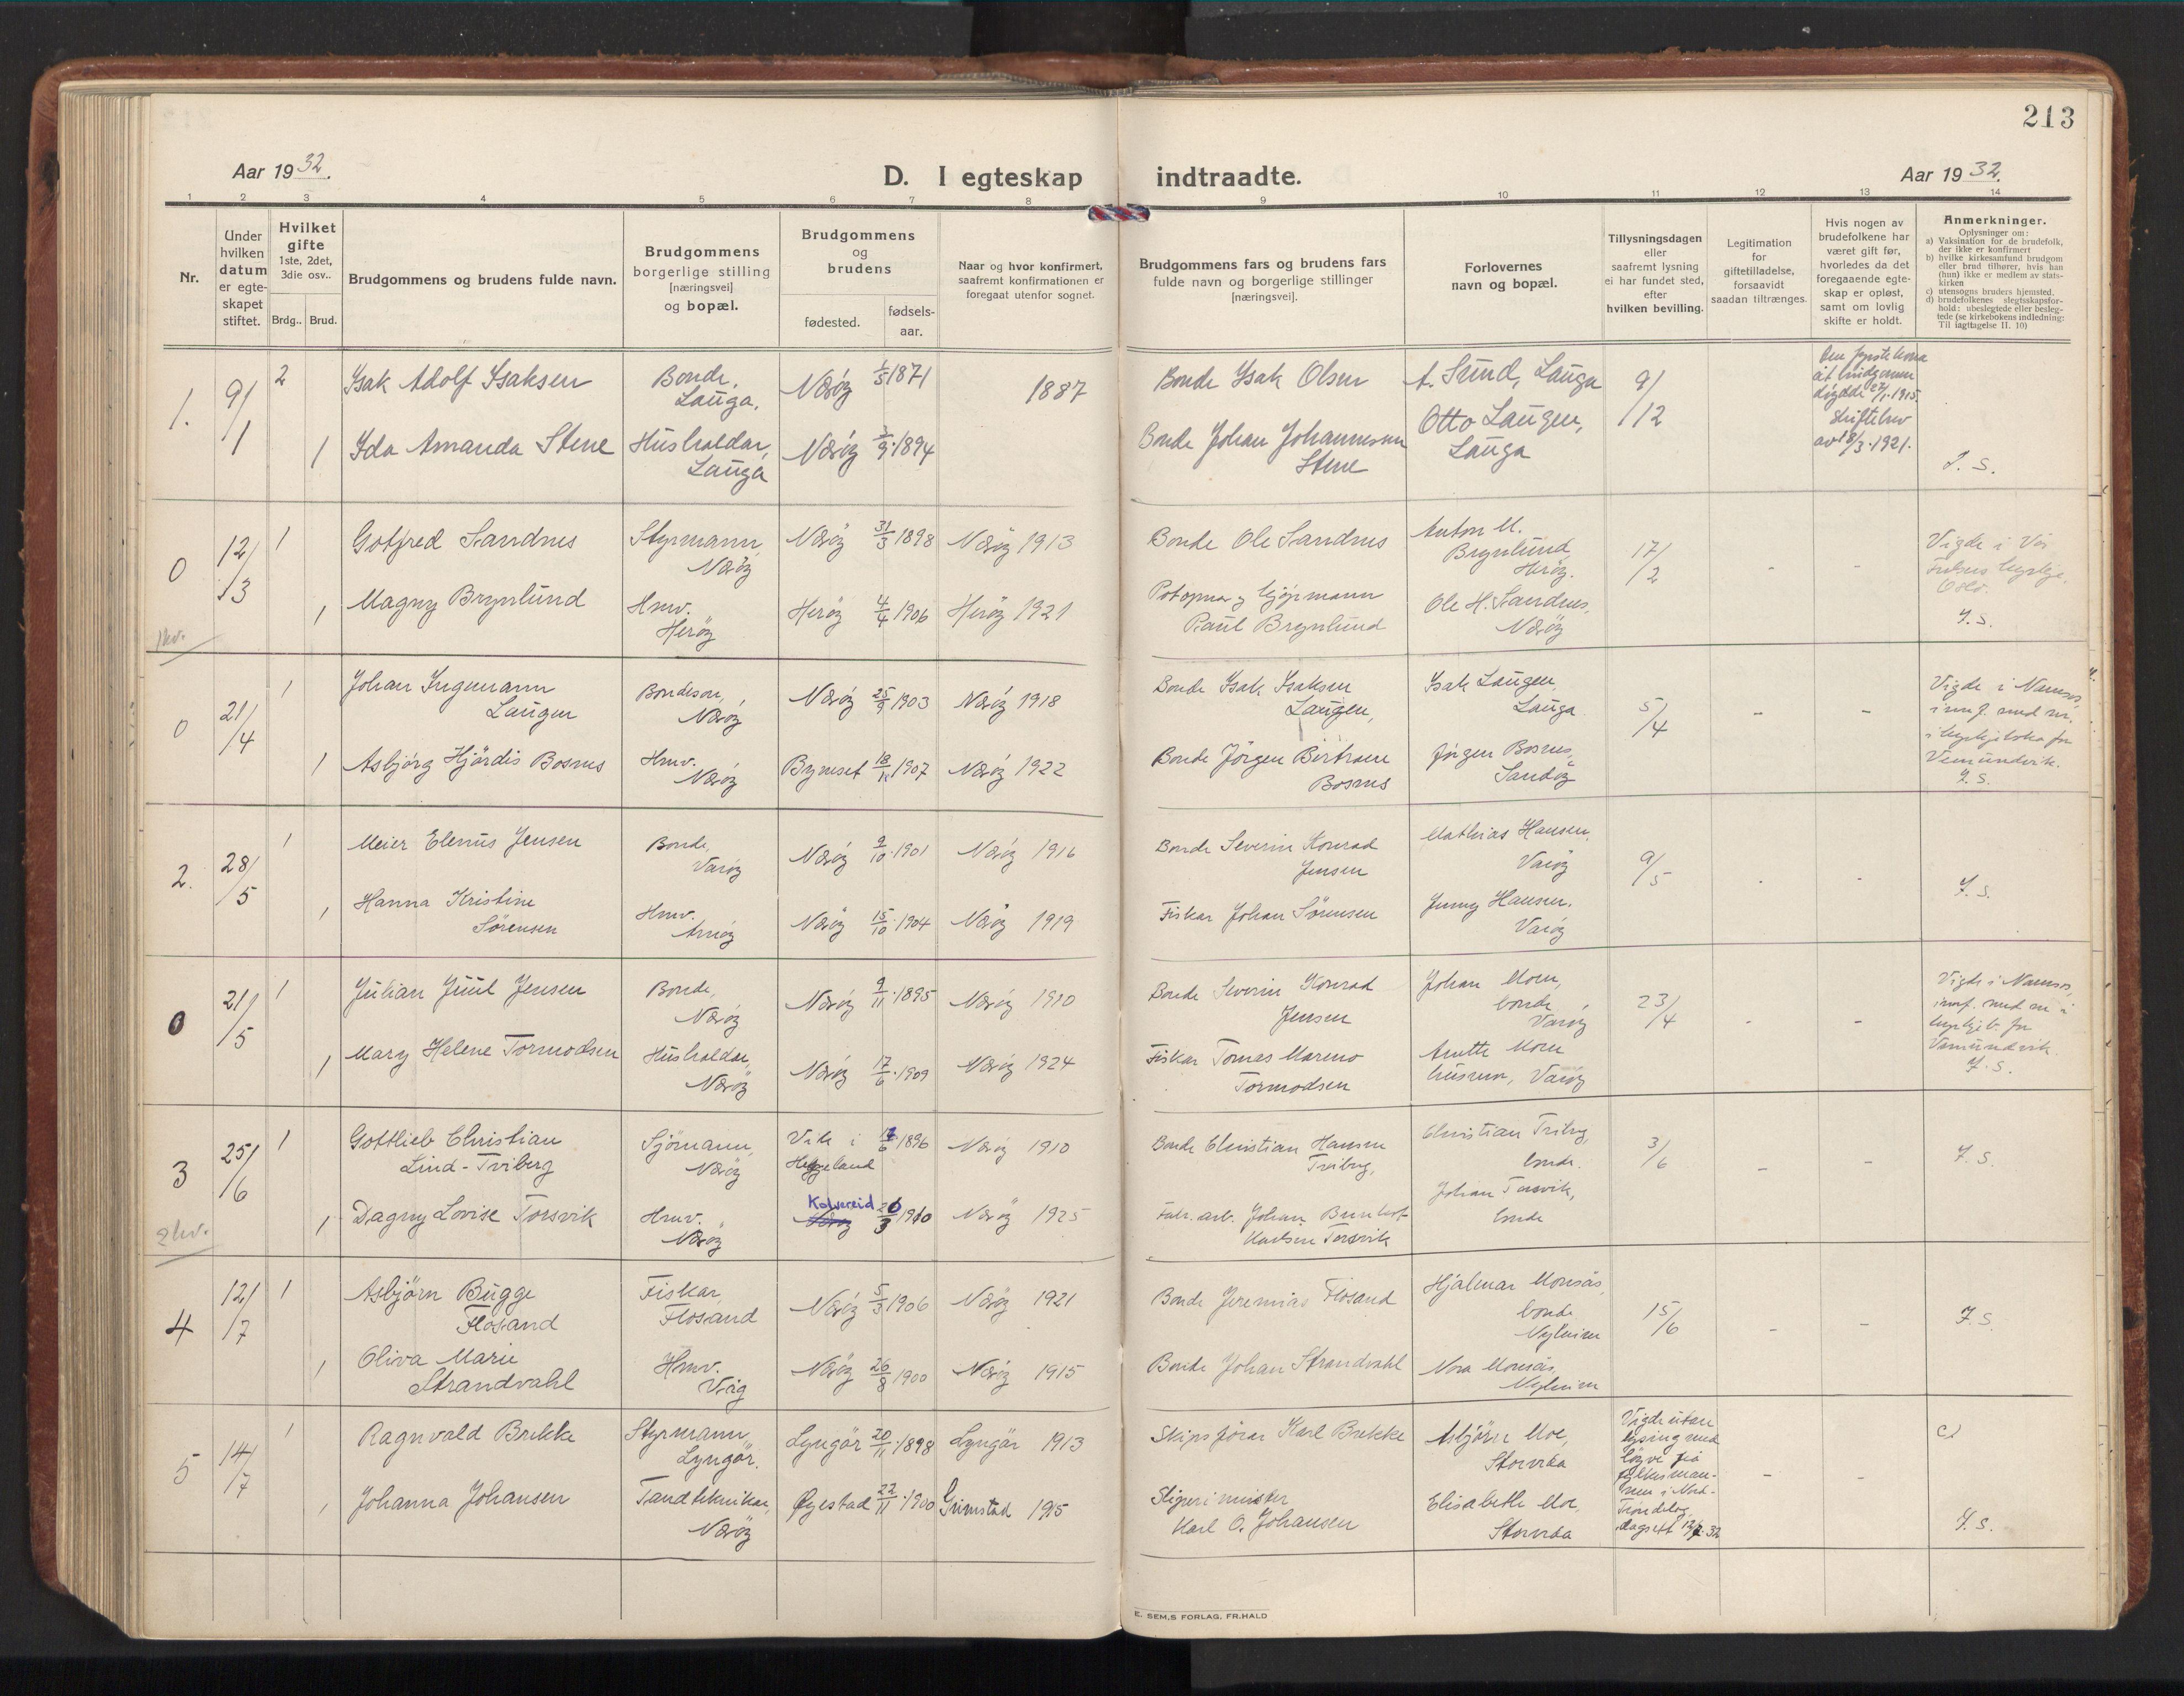 SAT, Ministerialprotokoller, klokkerbøker og fødselsregistre - Nord-Trøndelag, 784/L0678: Ministerialbok nr. 784A13, 1921-1938, s. 213